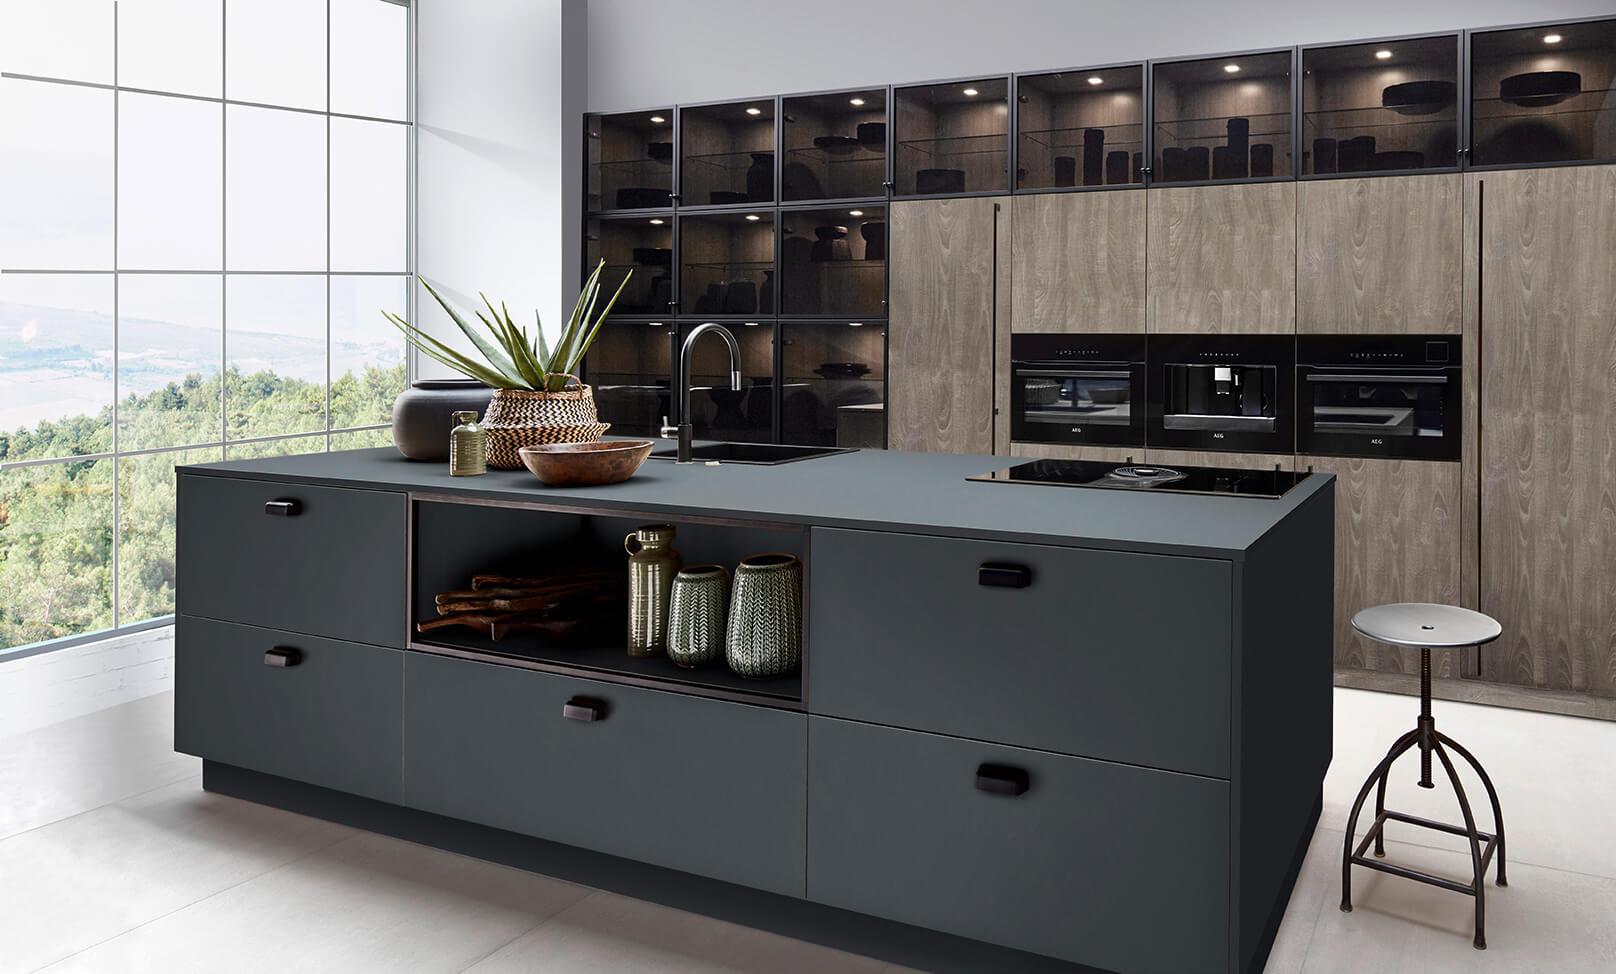 Schröder Küchen vergleichen mit KitchenAdvisor